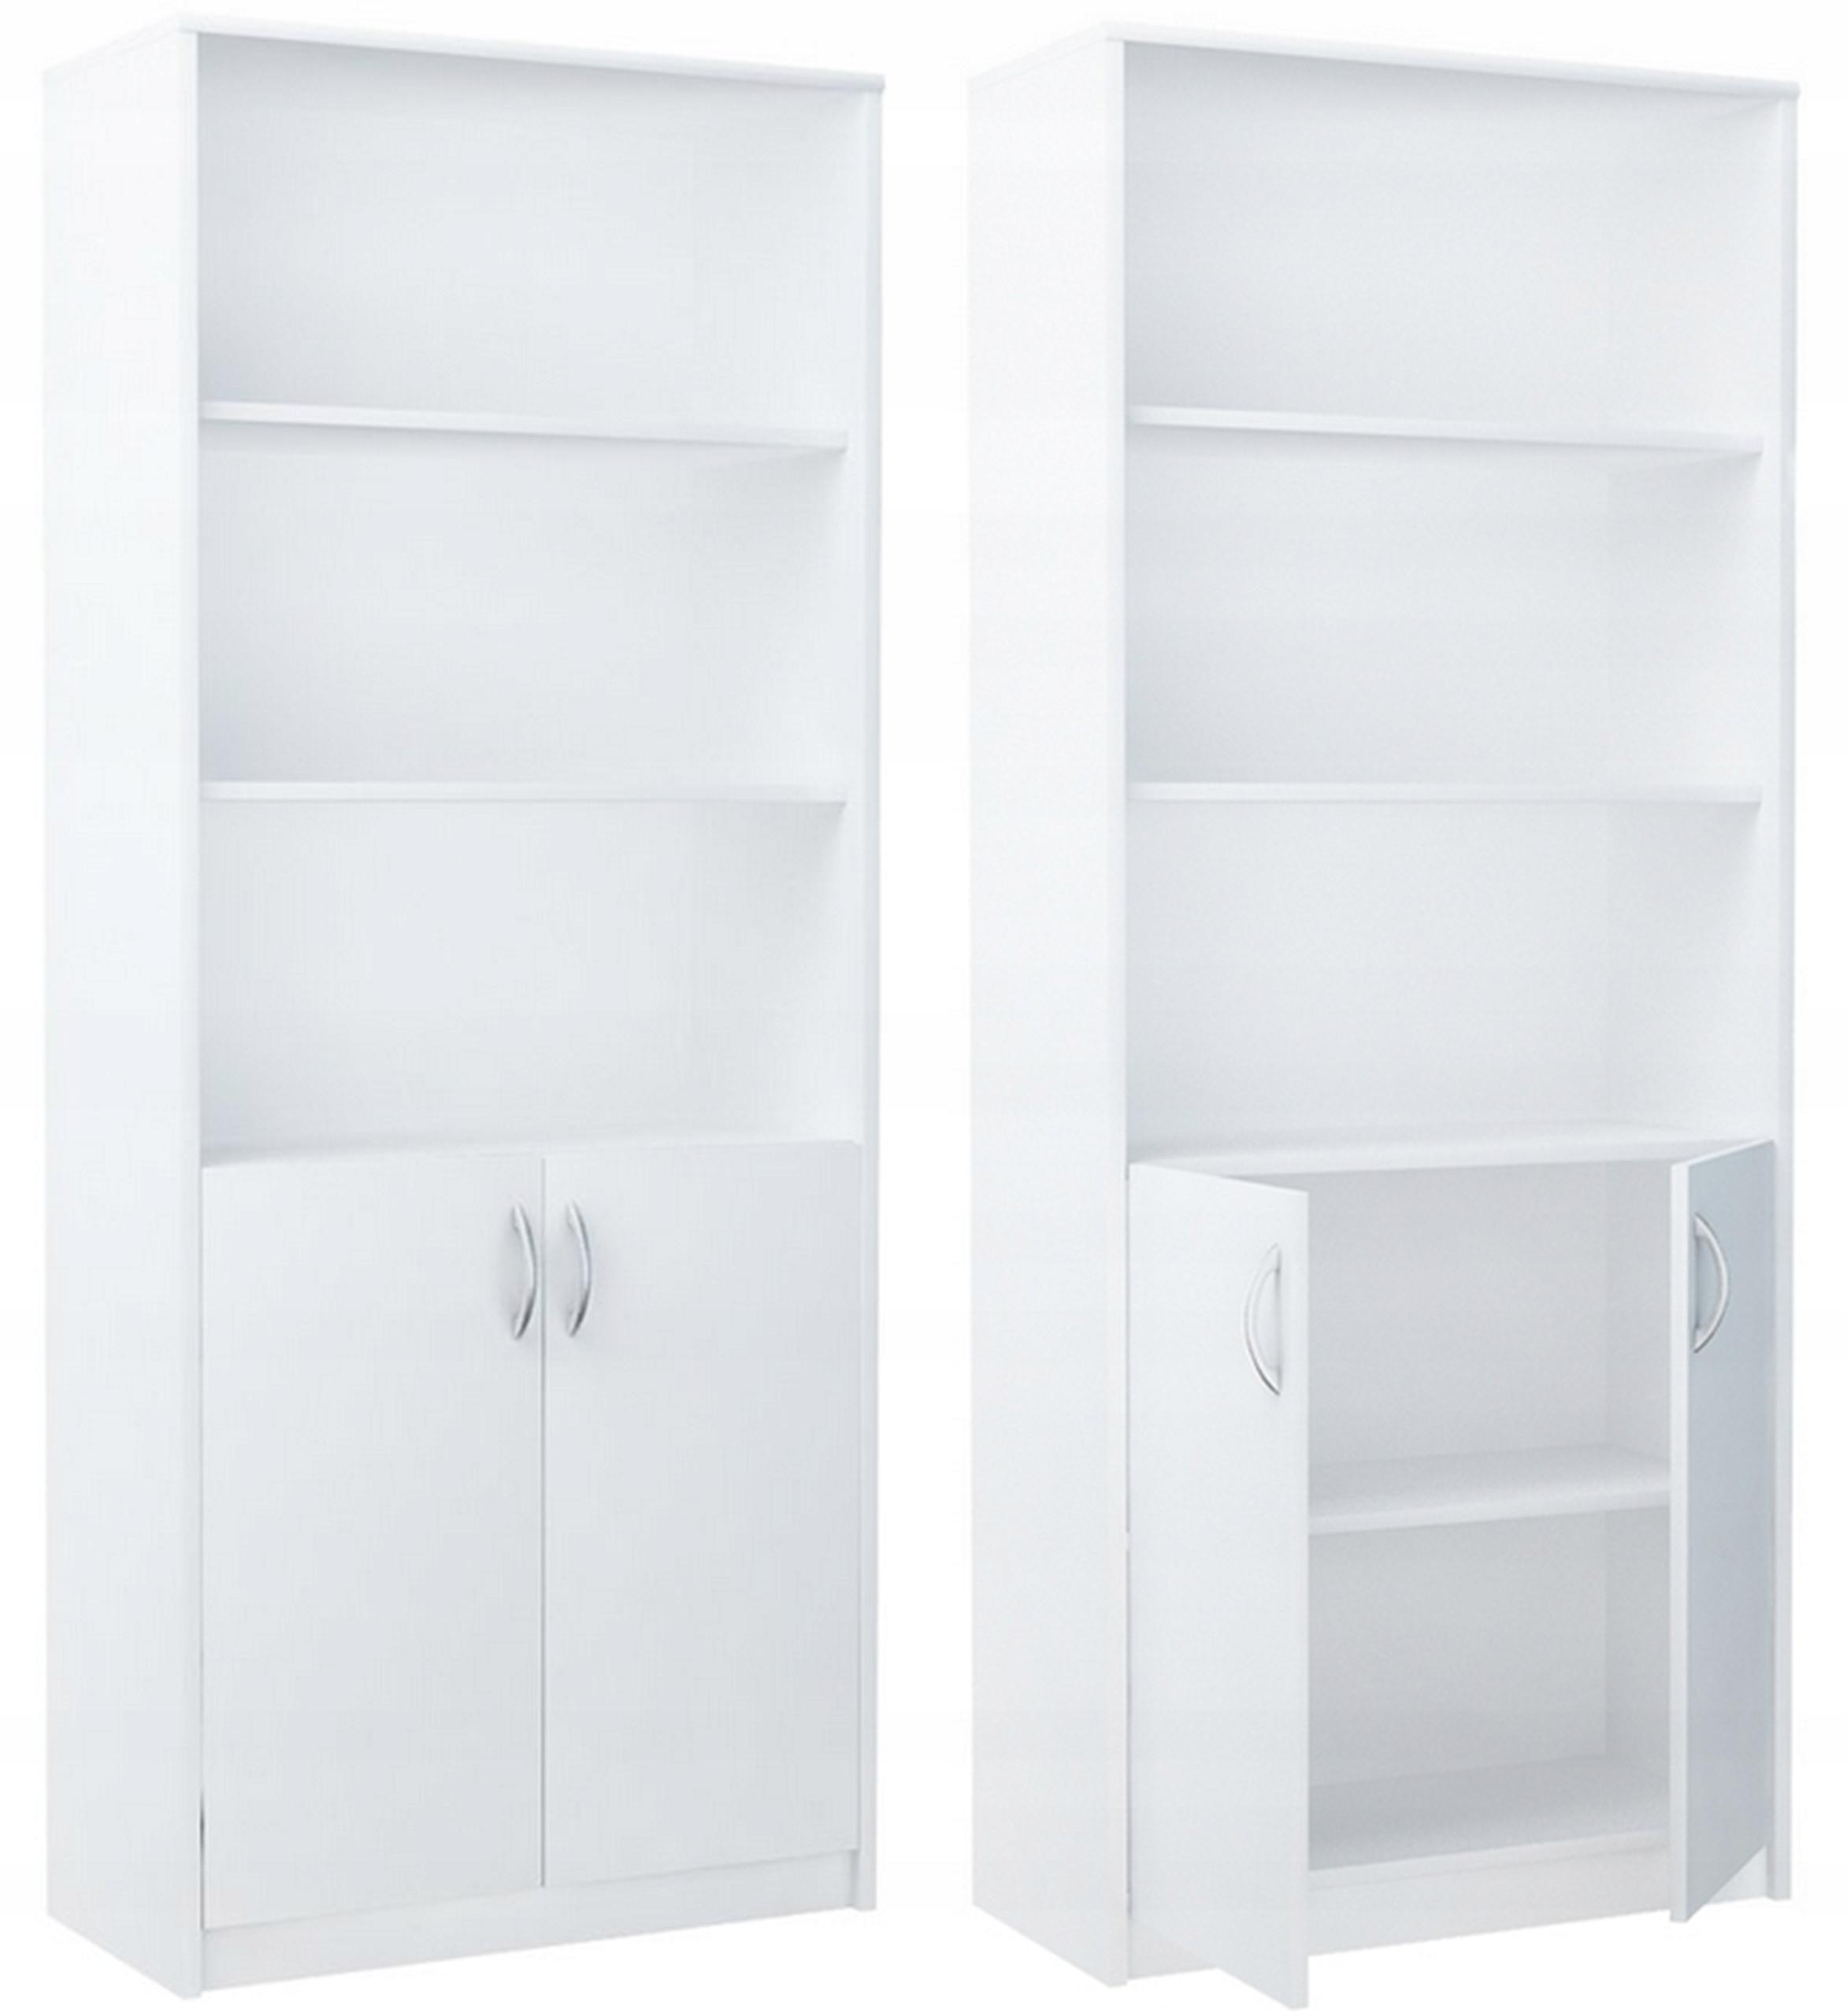 Стеллаж офисный шкаф шкаф для книг R7 Белый